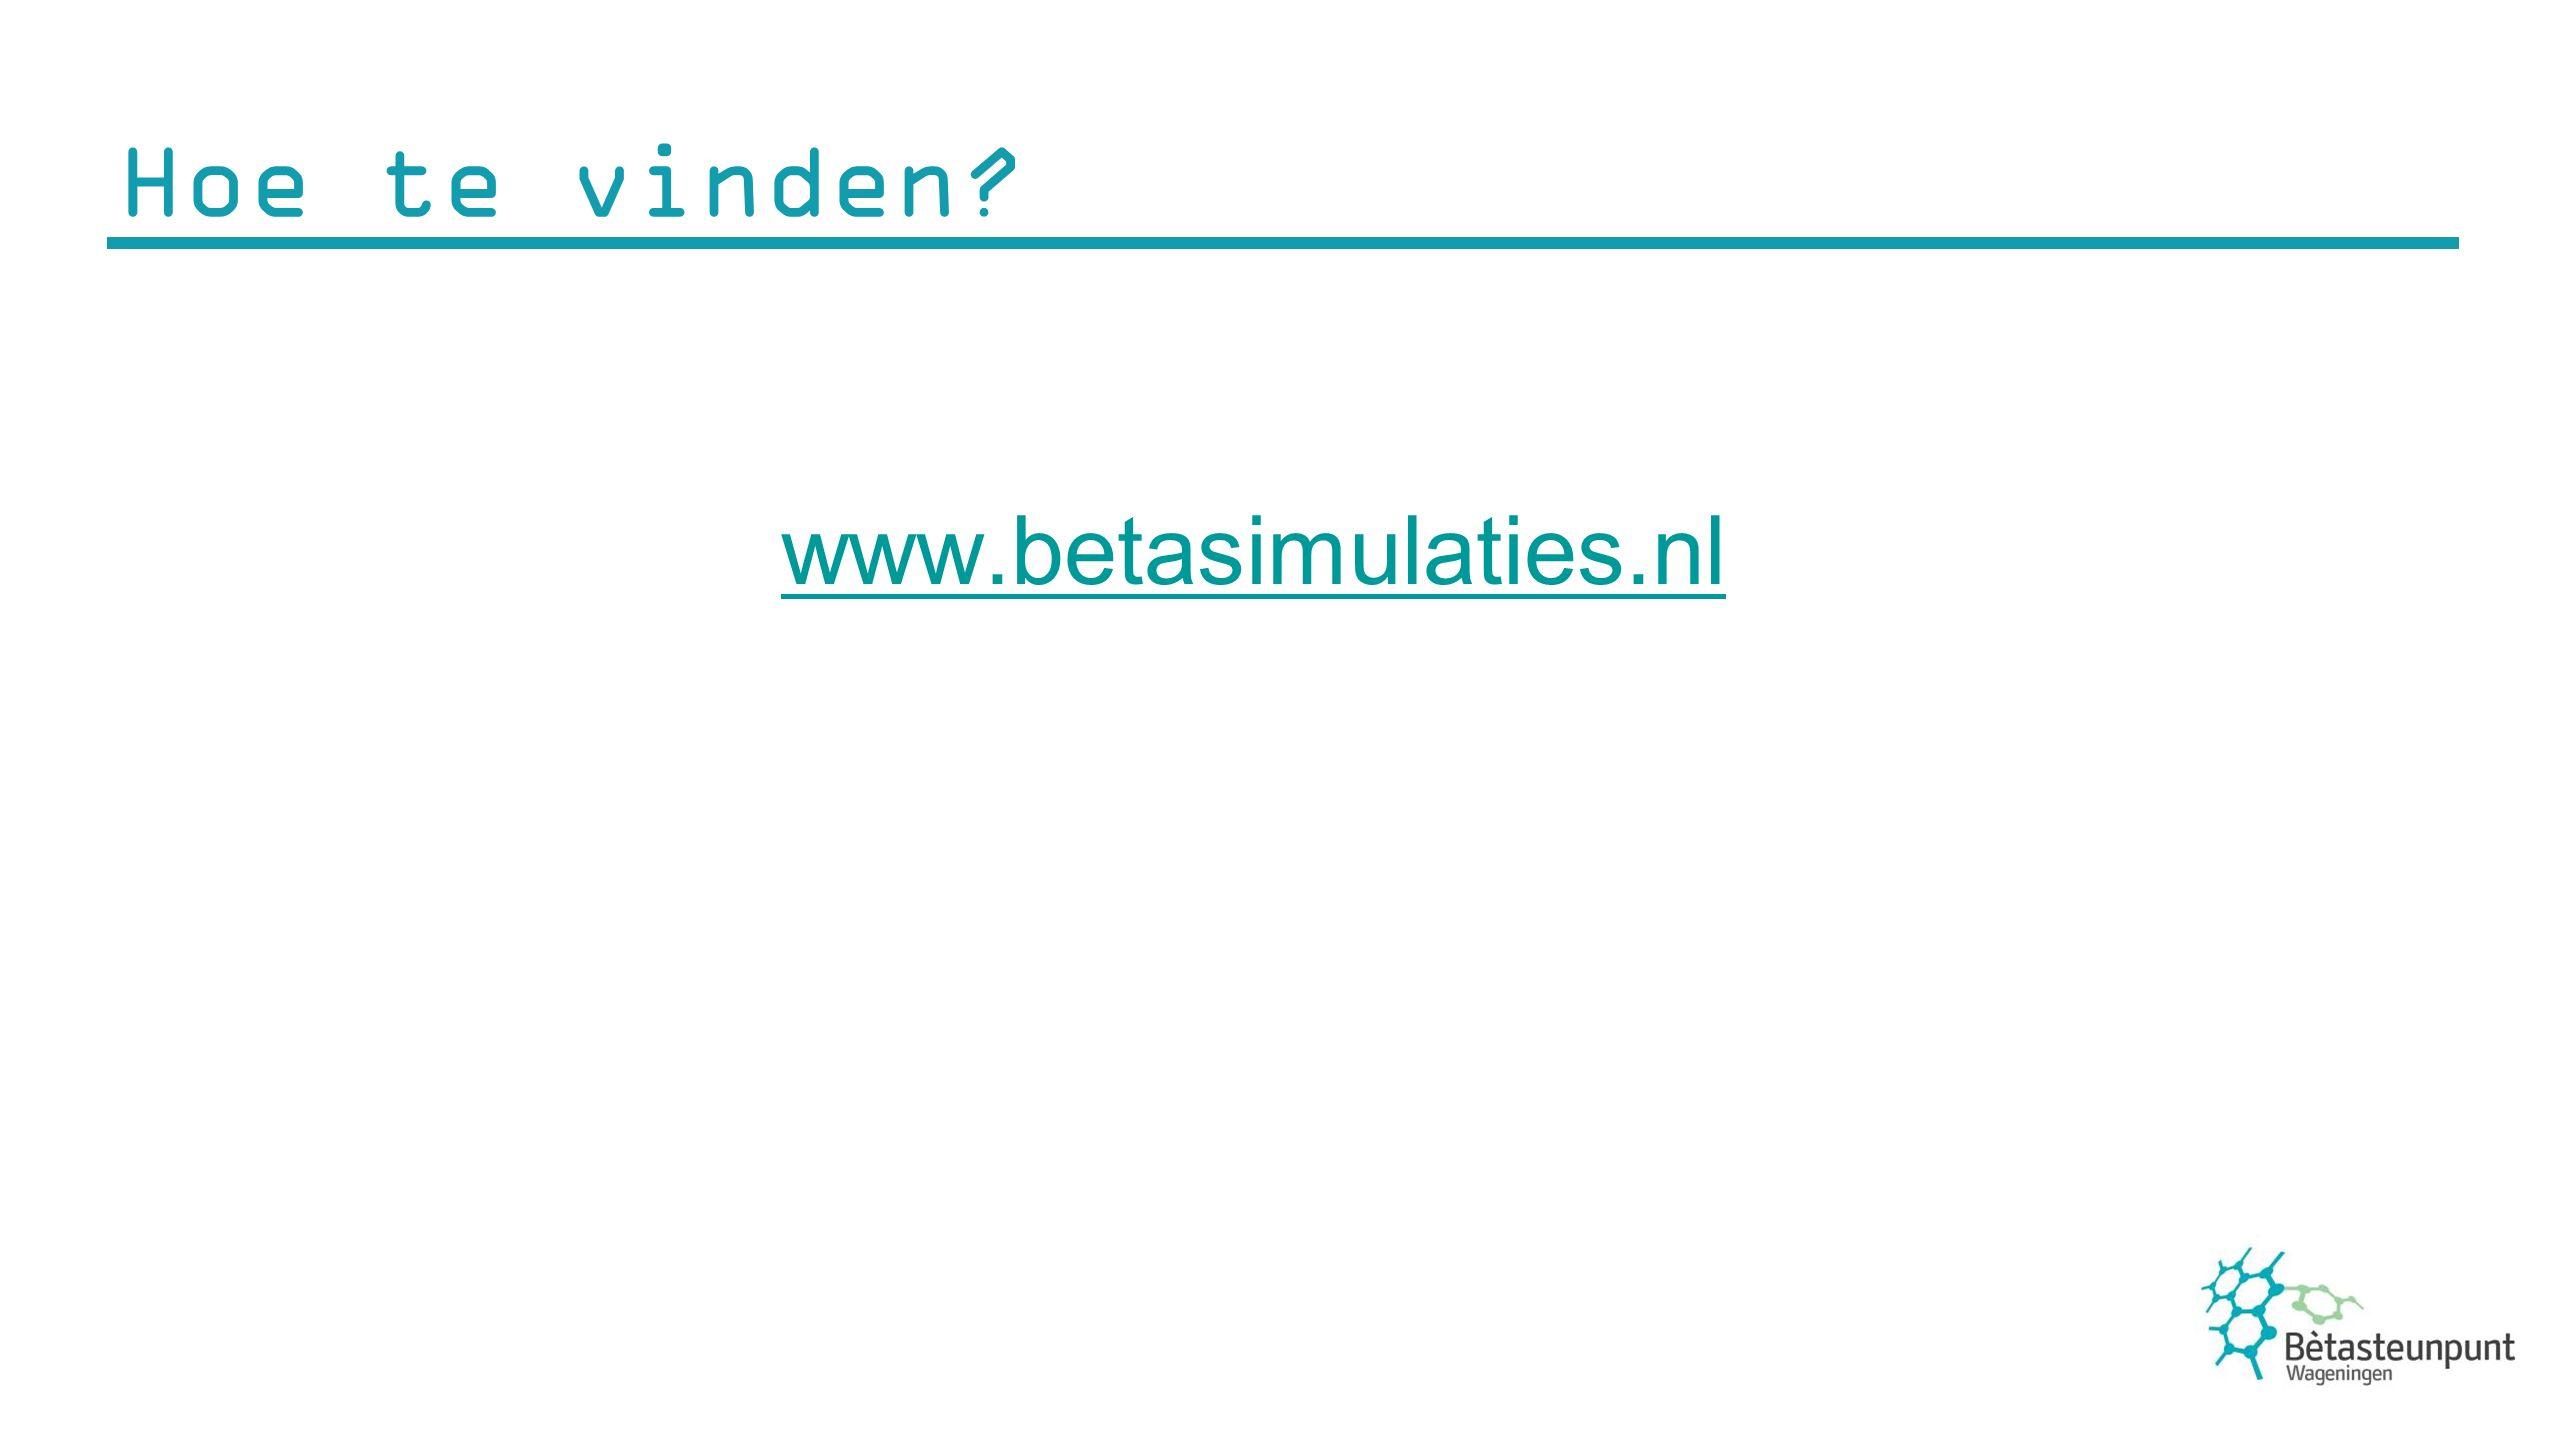 Hoe te vinden? www.betasimulaties.nl